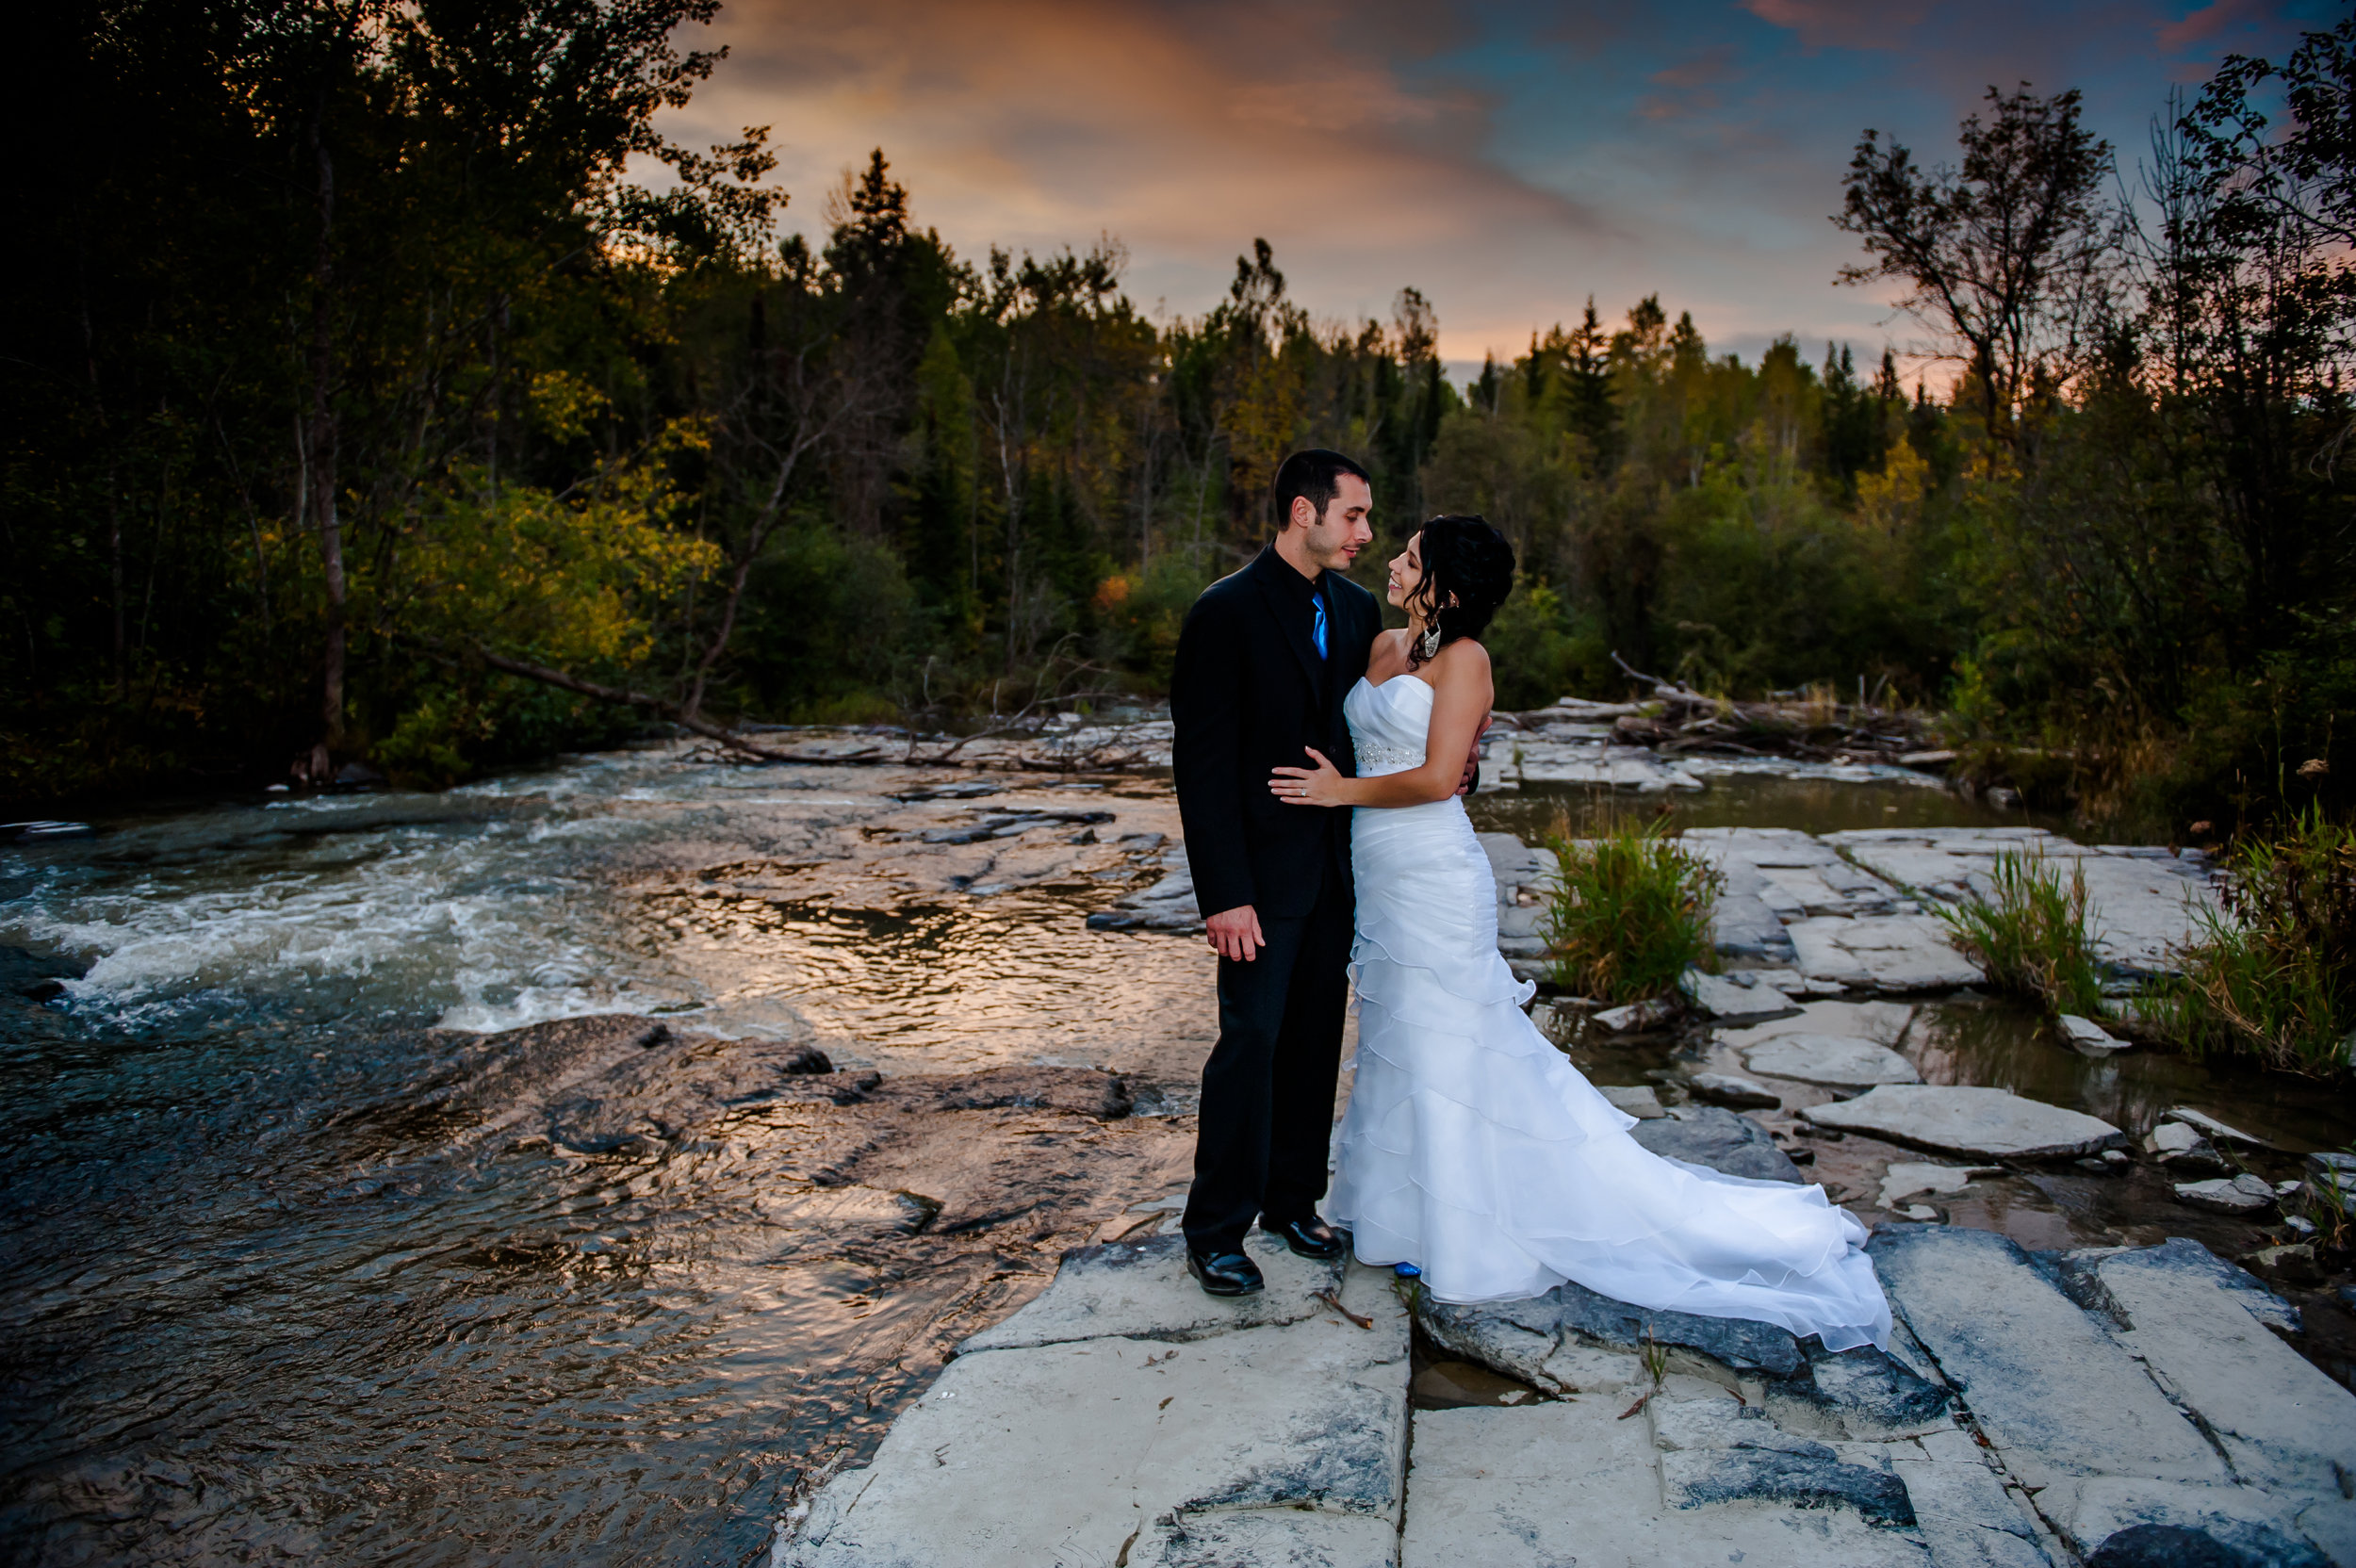 amanda_wedding-105.jpg